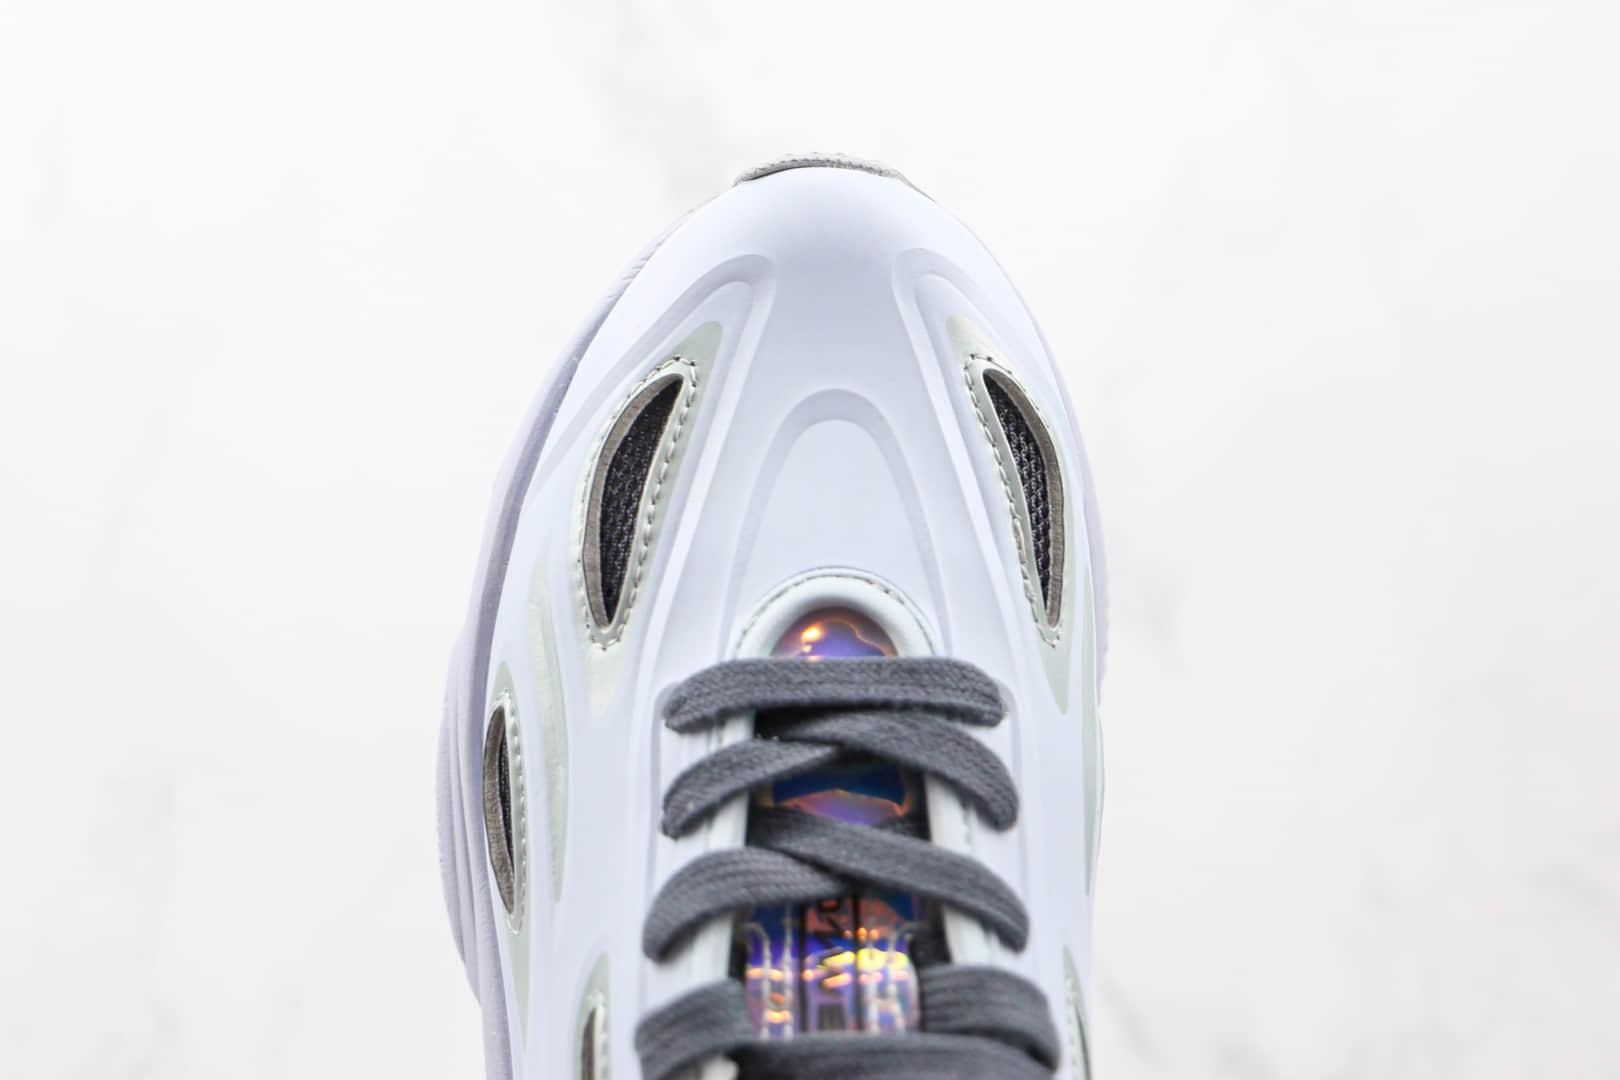 阿迪达斯Adidas original Ozweego Celox M纯原版本水管二代皮面银灰色慢跑鞋原档案数据开发 货号:GX2956